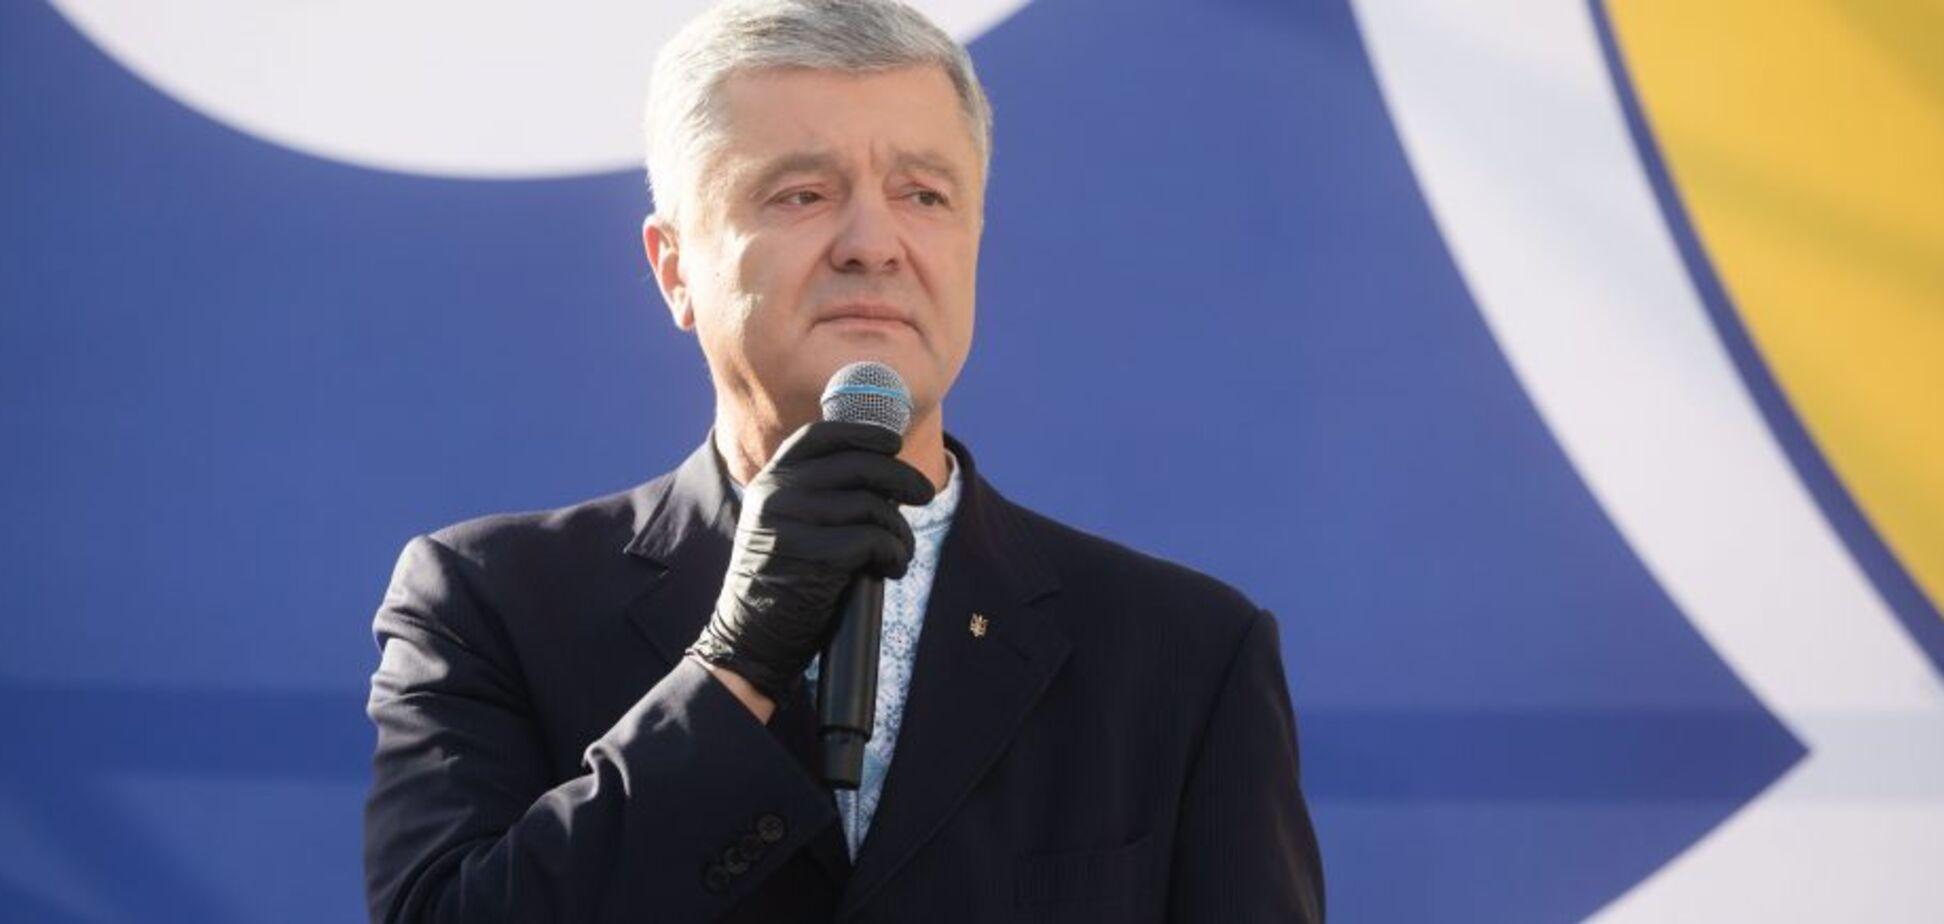 Порошенко выступил на съезде партии. Фото: Европейская Солидарность